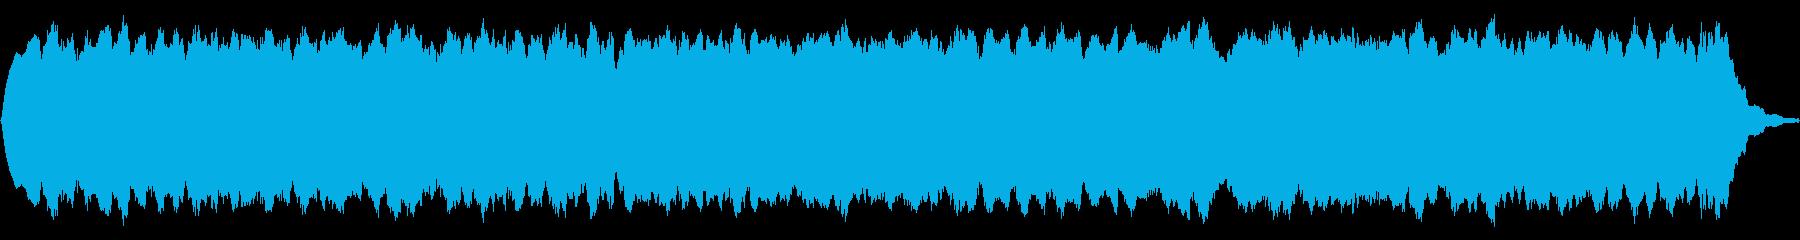 ピーポーピーポー(救急車のサイレン:通…の再生済みの波形